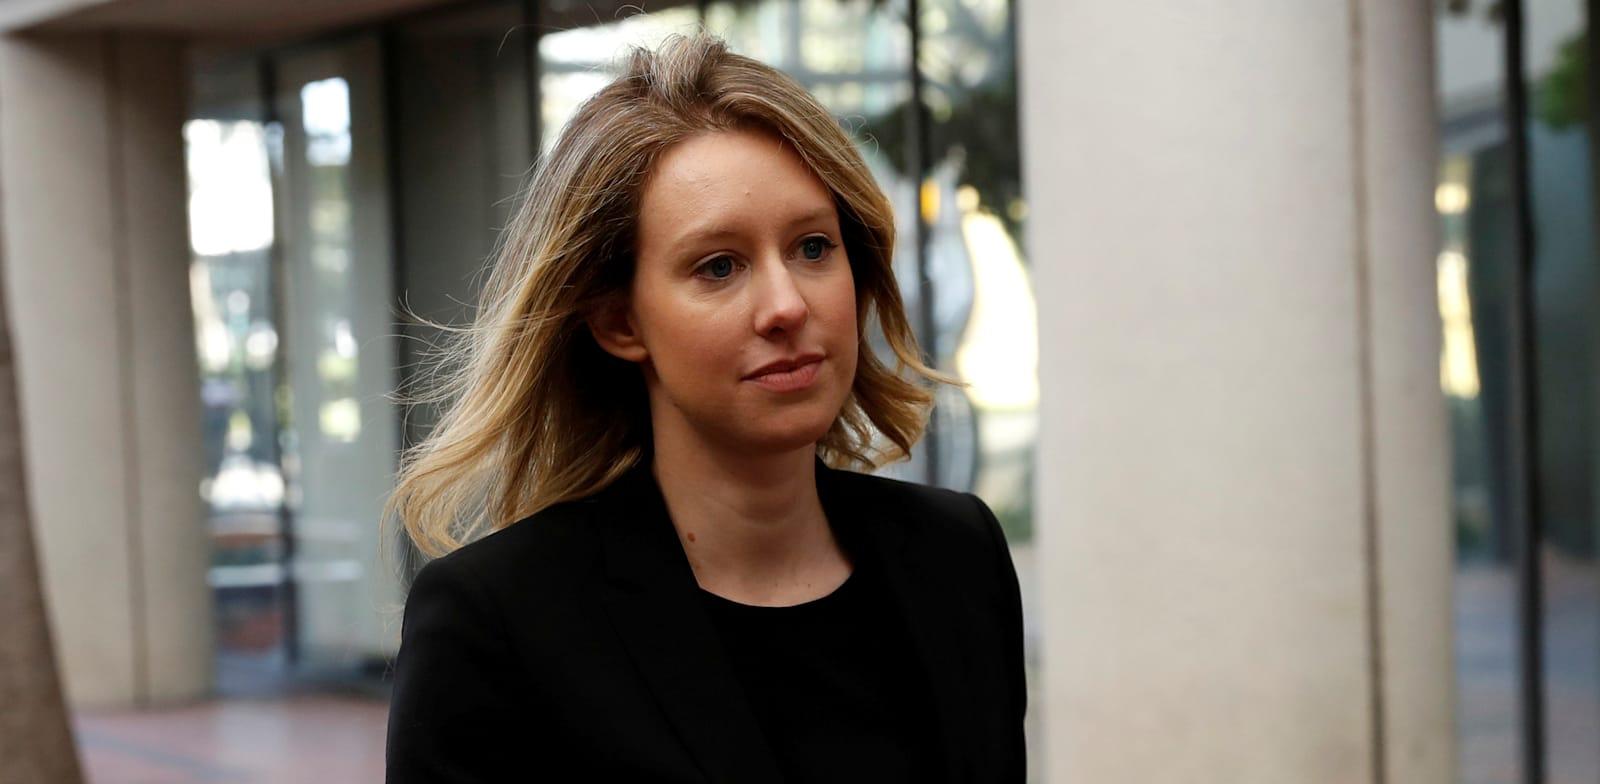 אליזבת הולמס / צילום: Reuters, STEPHEN LAM